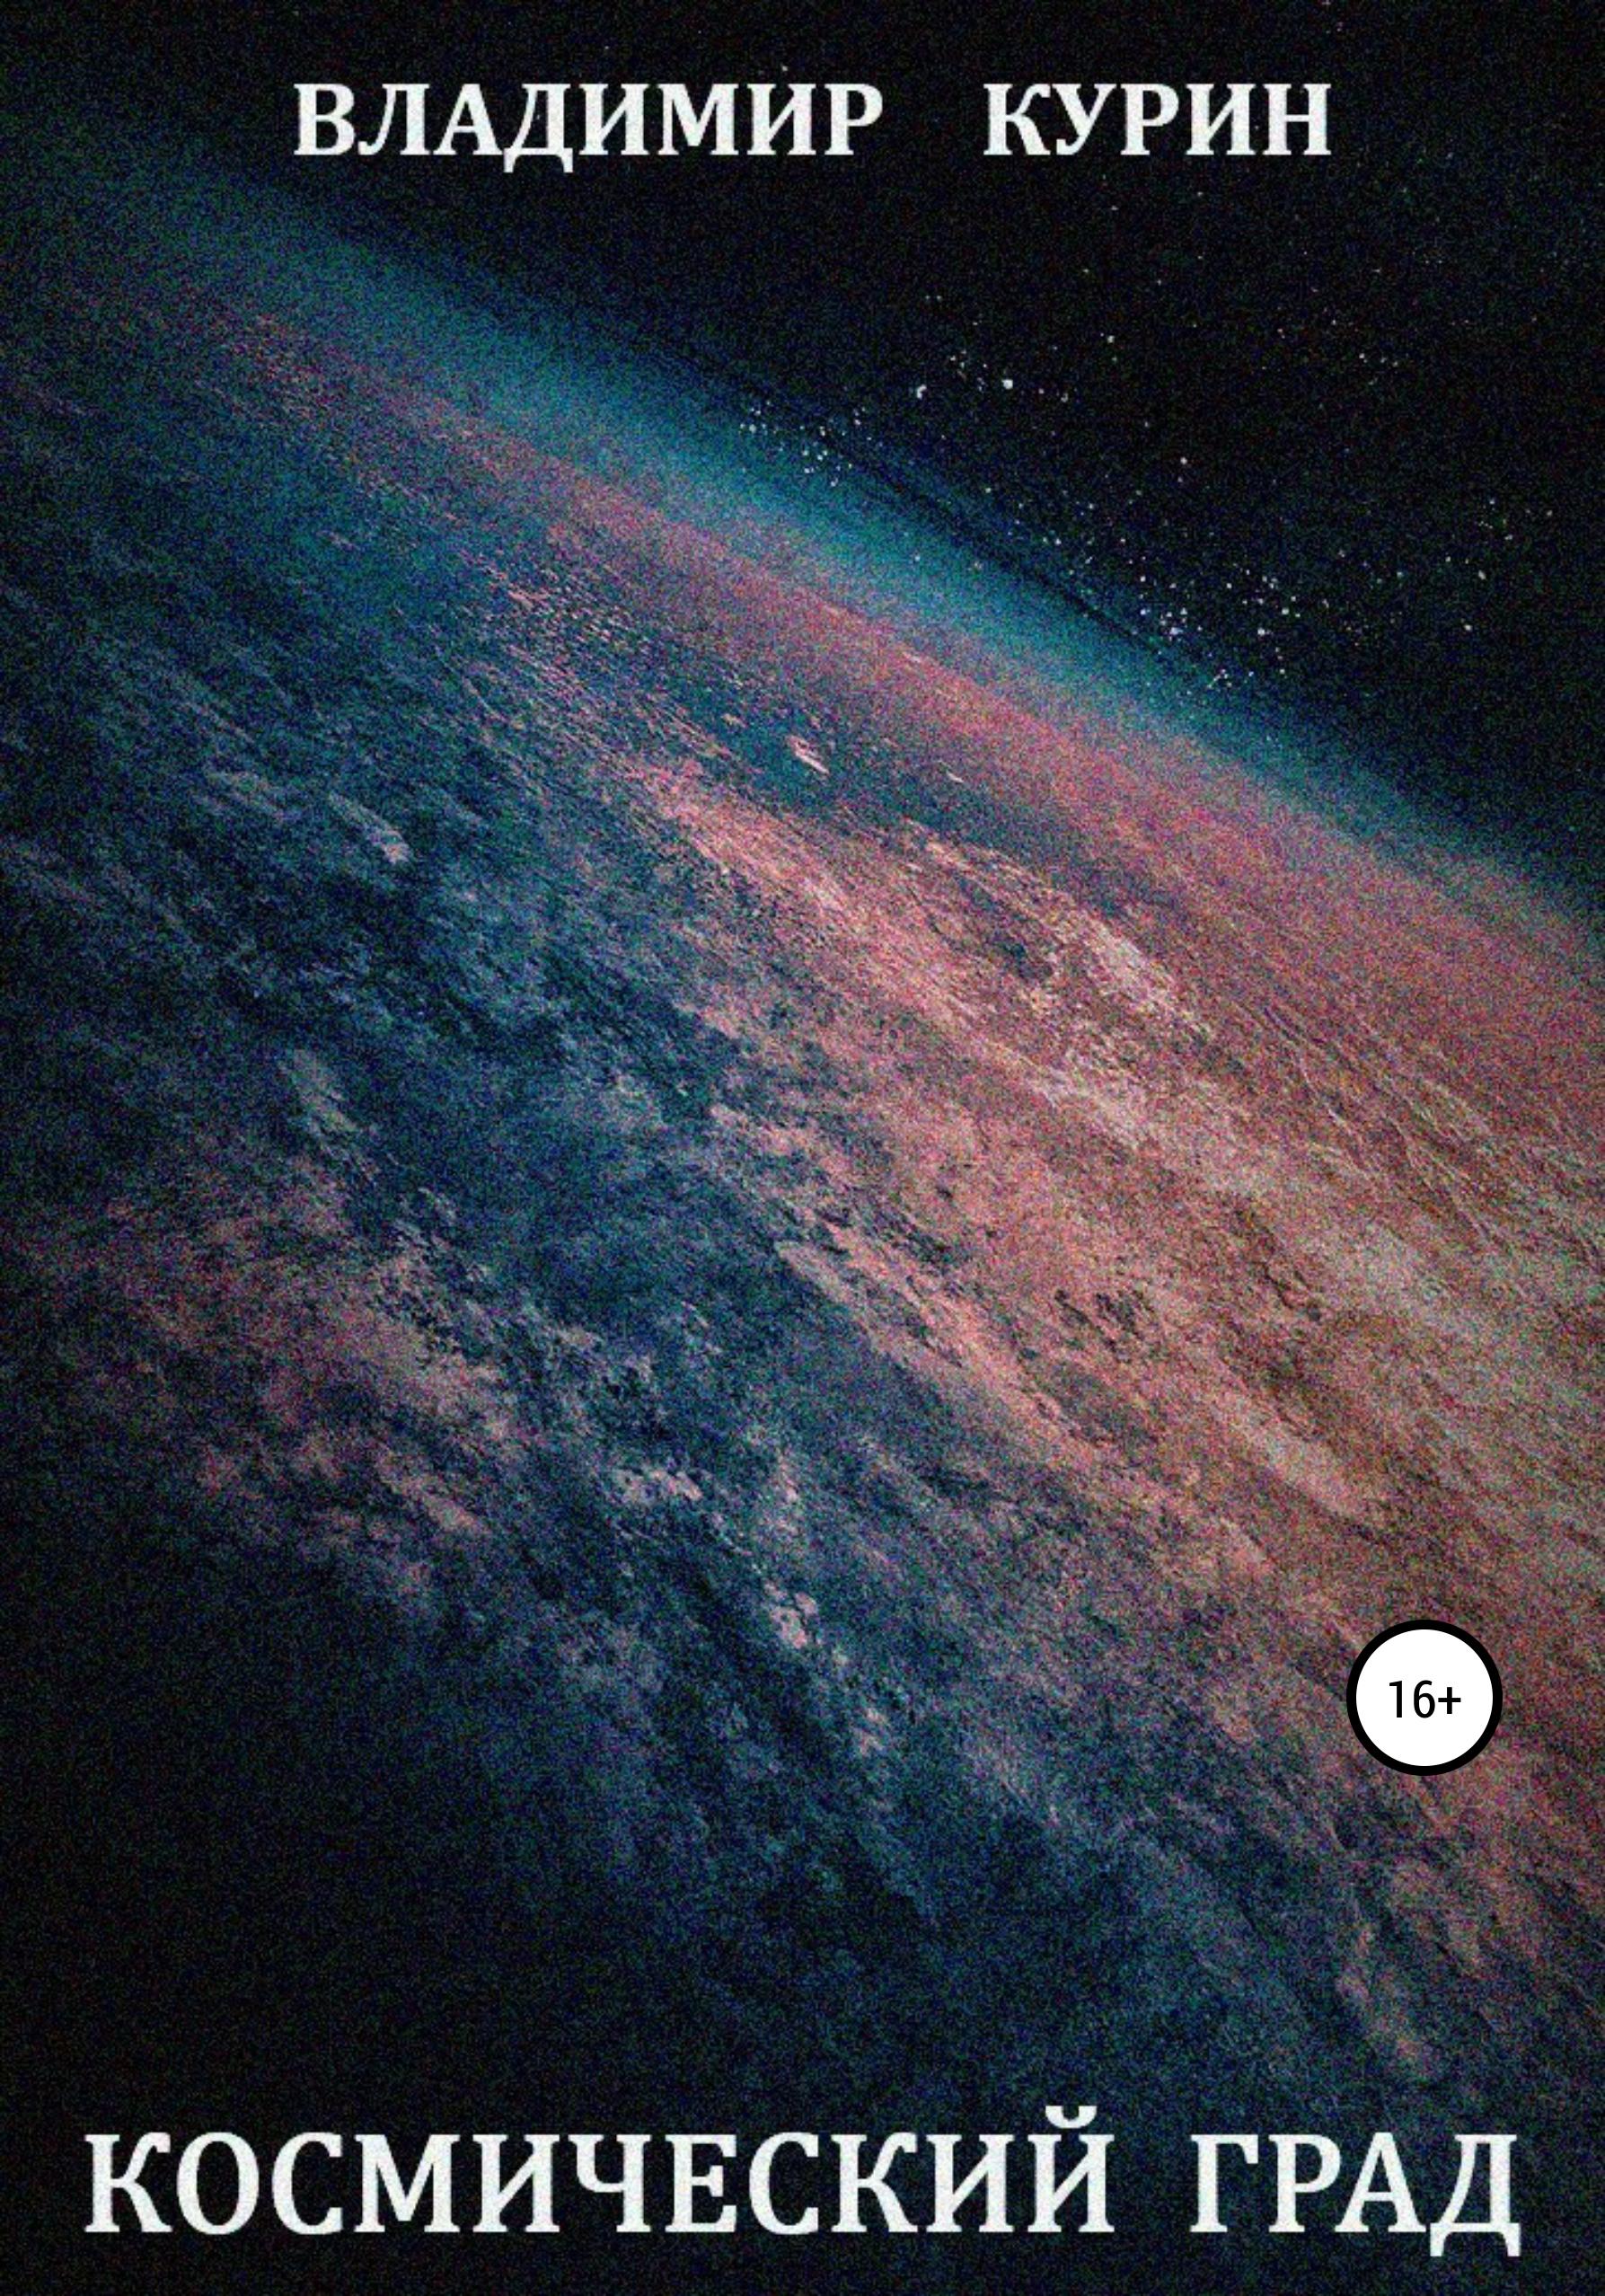 Космический град